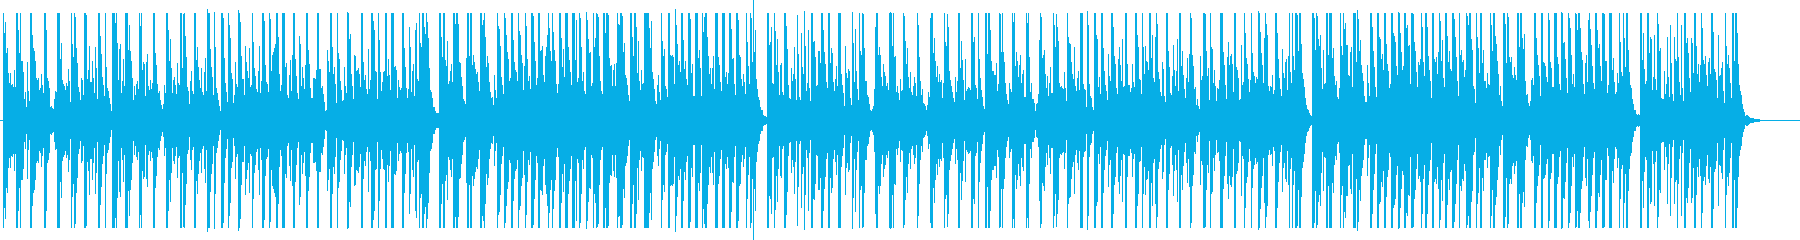 重厚感のある力強い和太鼓のリズムの再生済みの波形